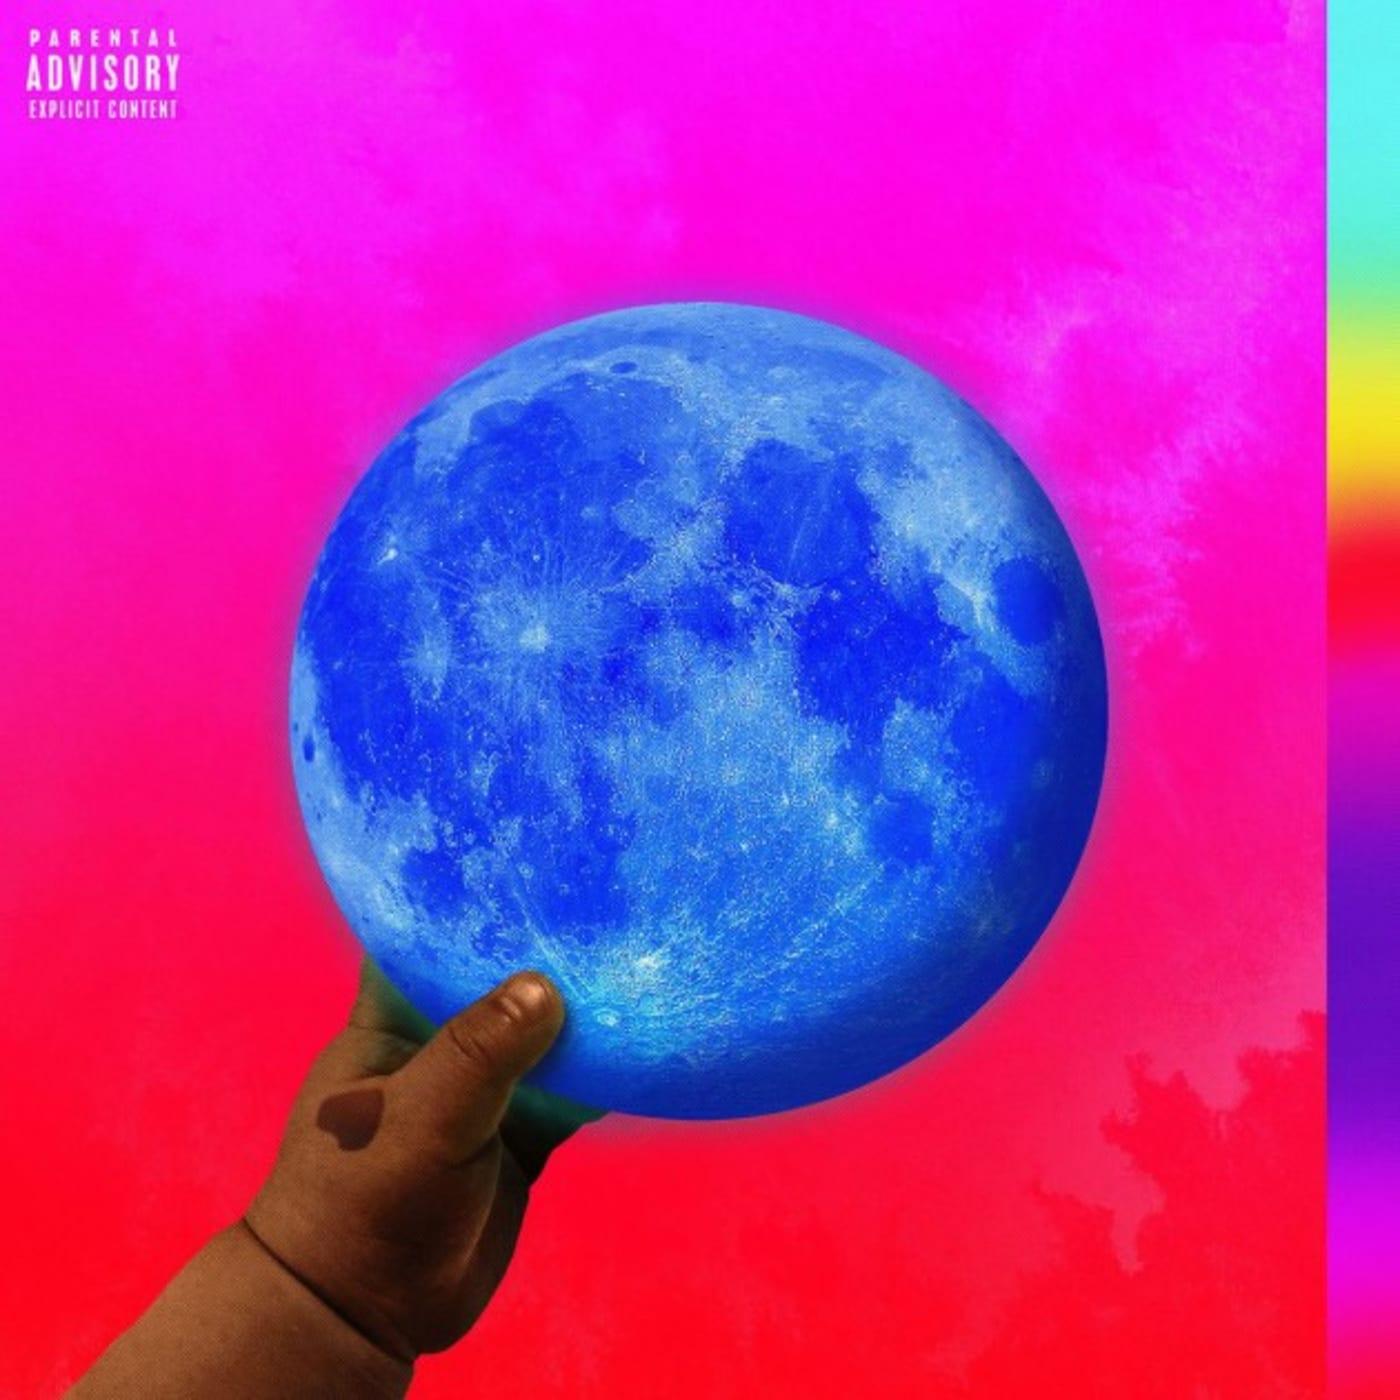 Wale 'Shine' album cover